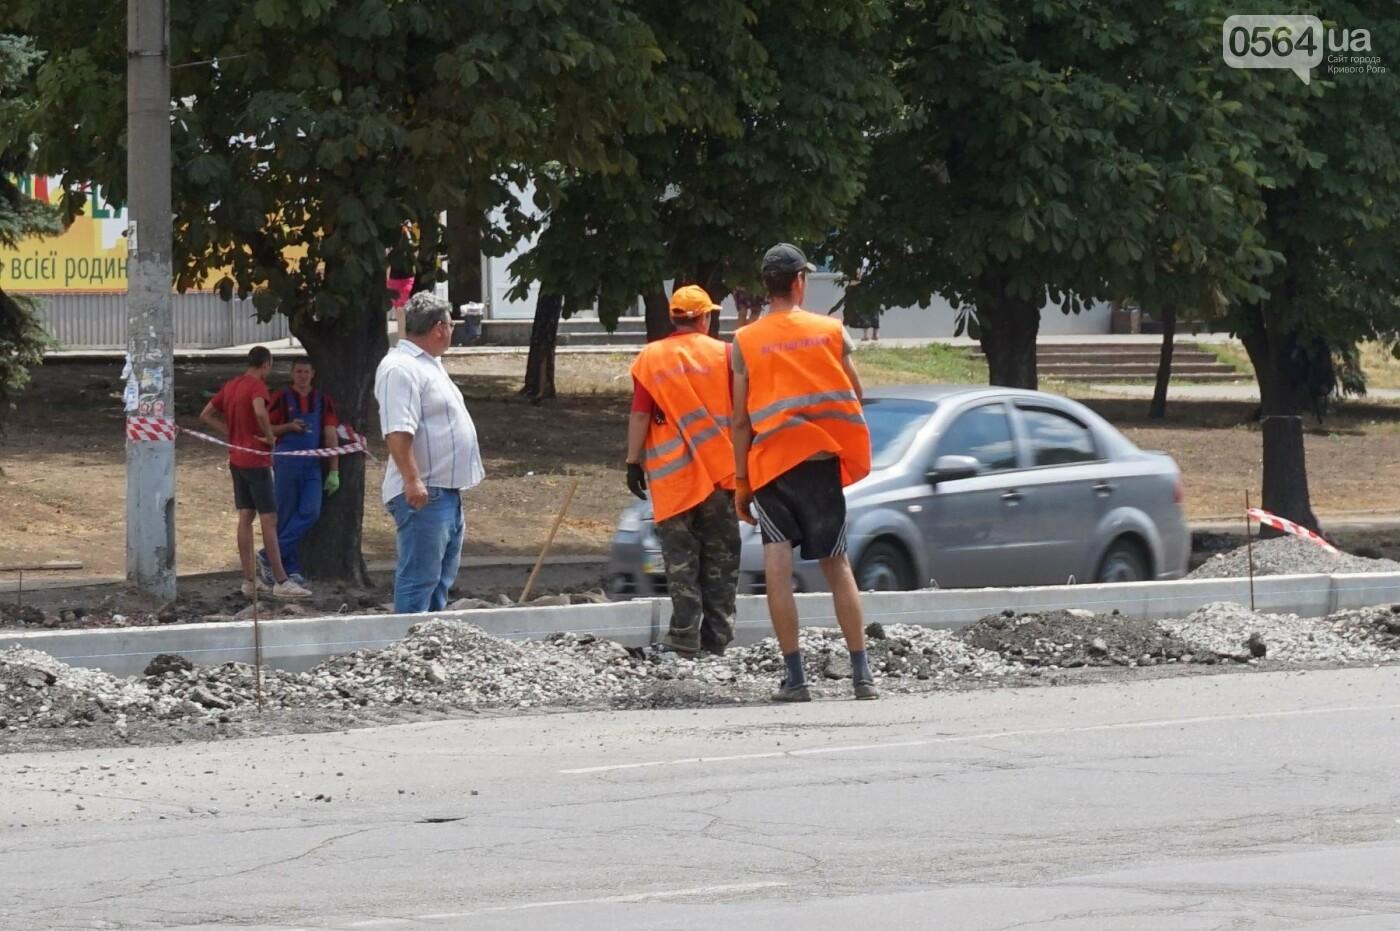 С сегодняшнего дня на центральном проспекте Кривого Рога отменены 3 остановки и запрещена парковка, - ФОТО, фото-17